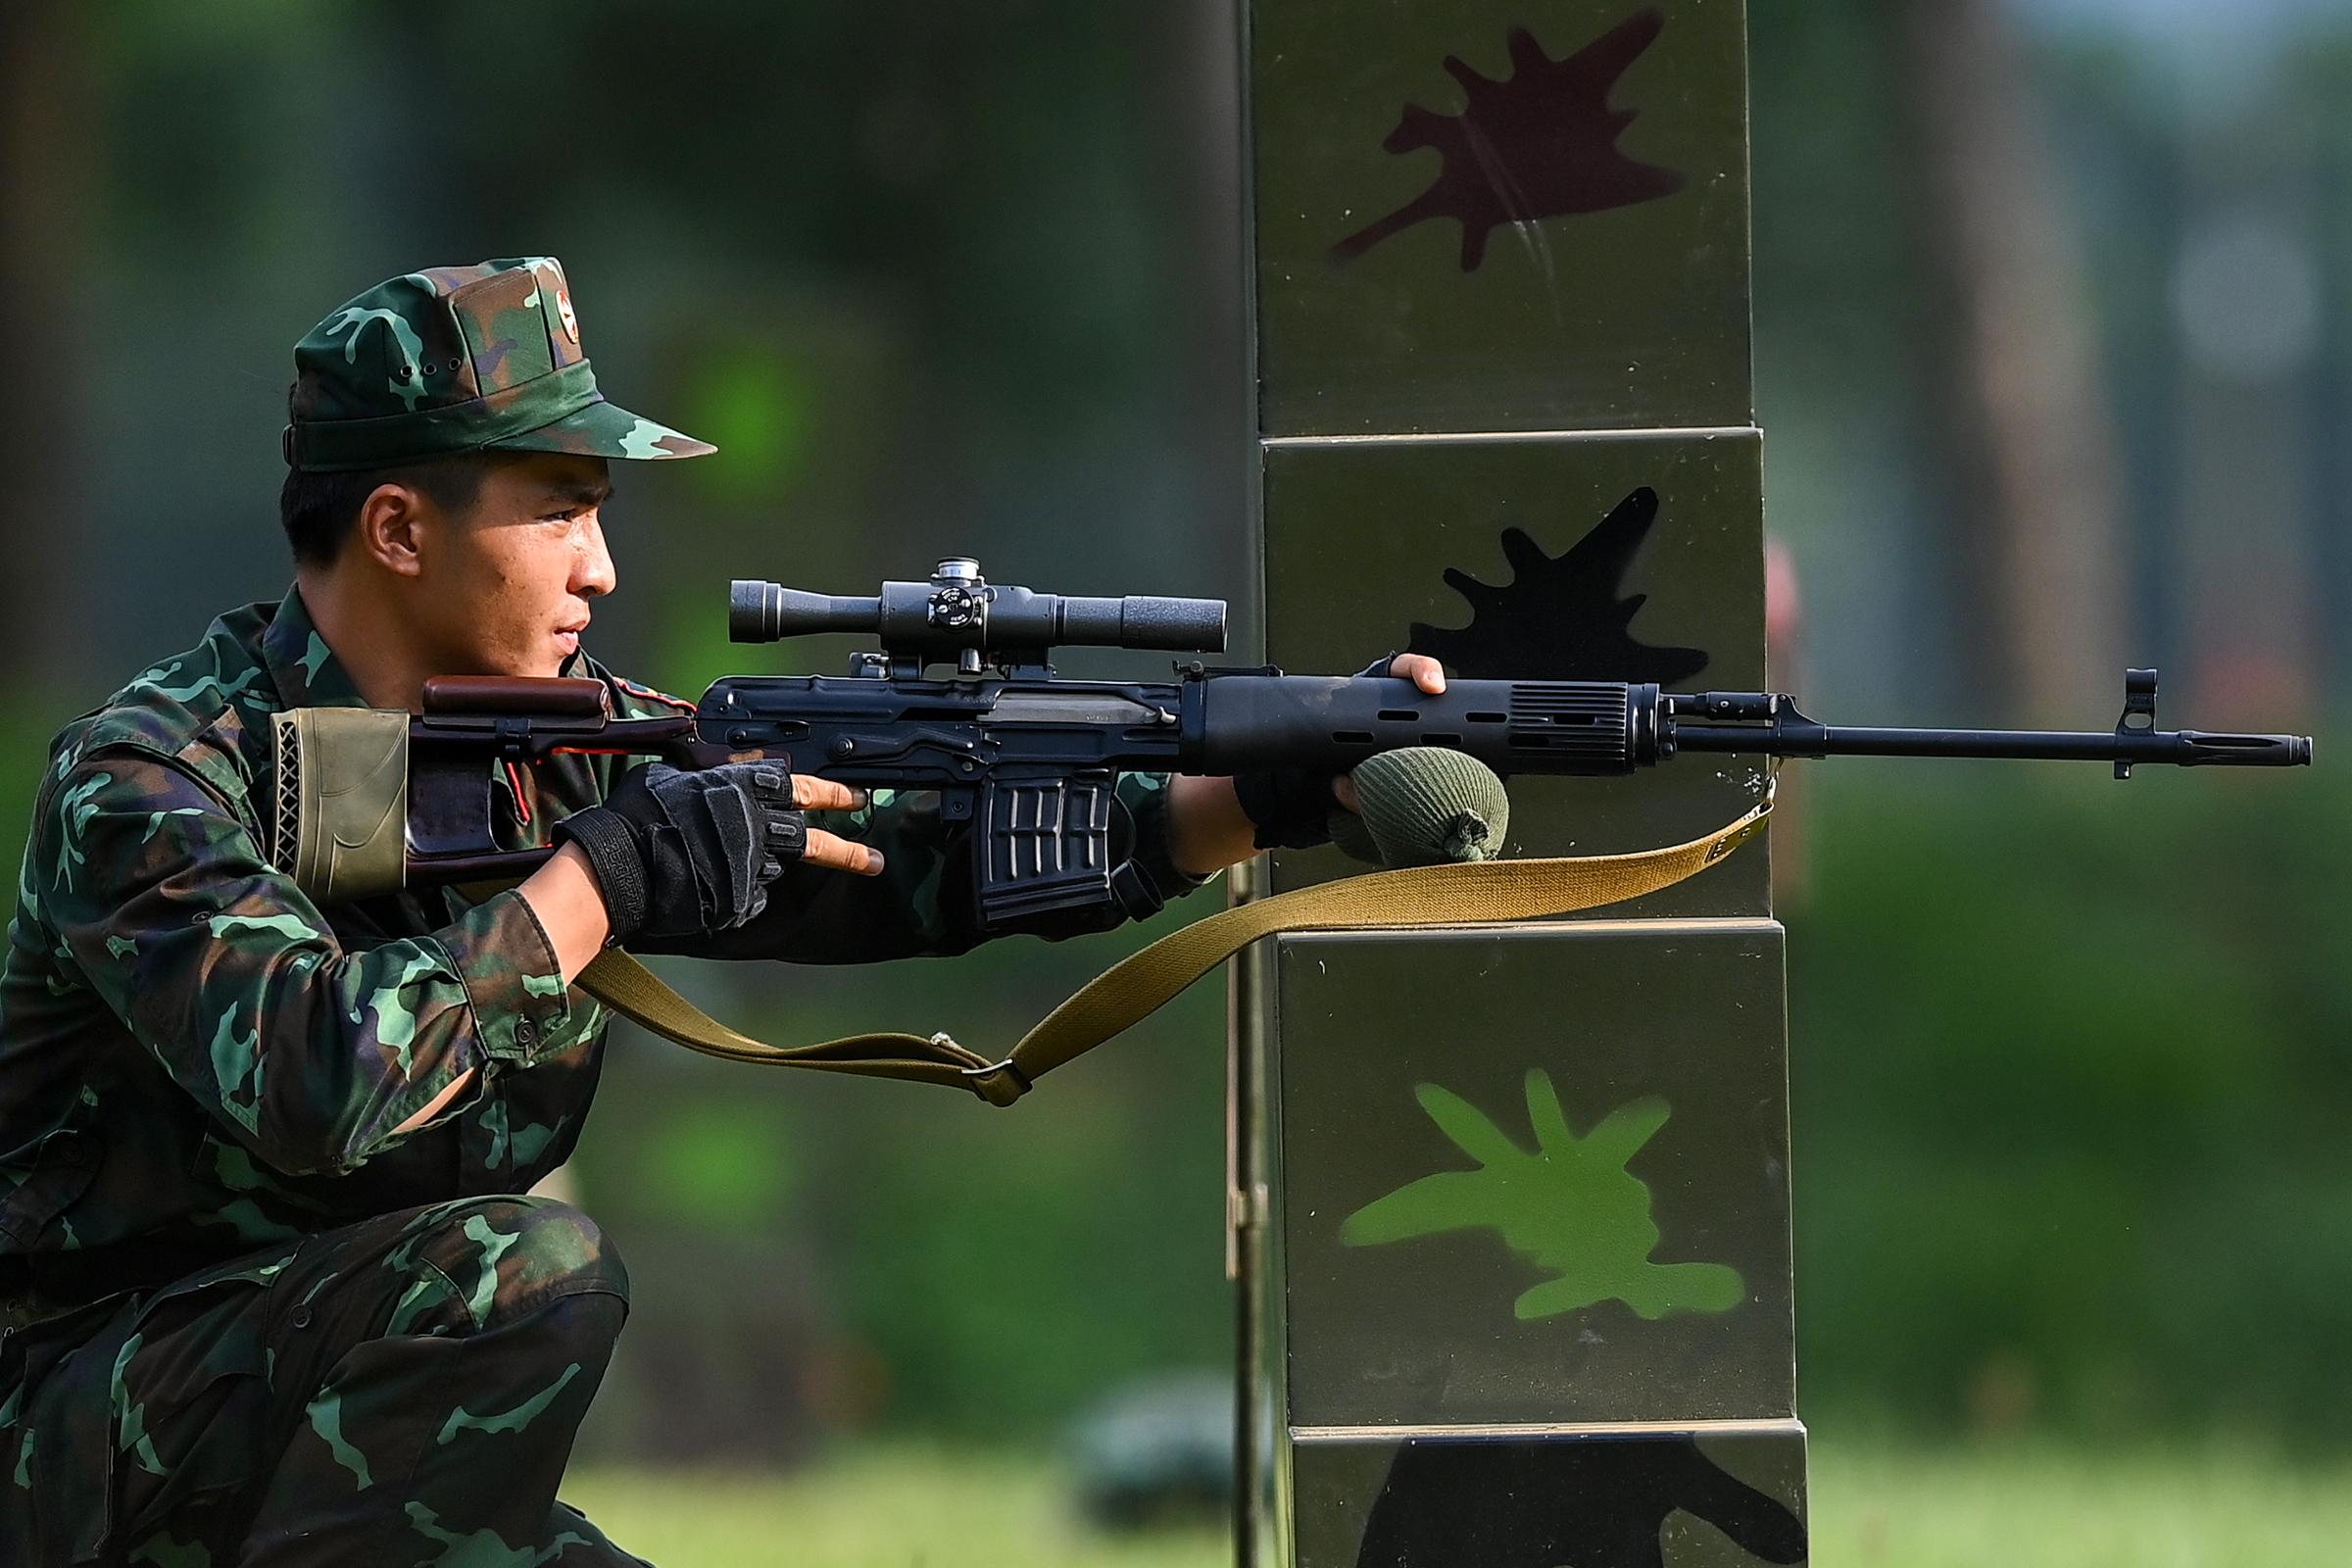 Tuyển thủ Việt Nam chuẩn bị khai hỏa nội dung thi Xạ thủ bắn tỉa, chiều 31/8. Ảnh: Giang Huy